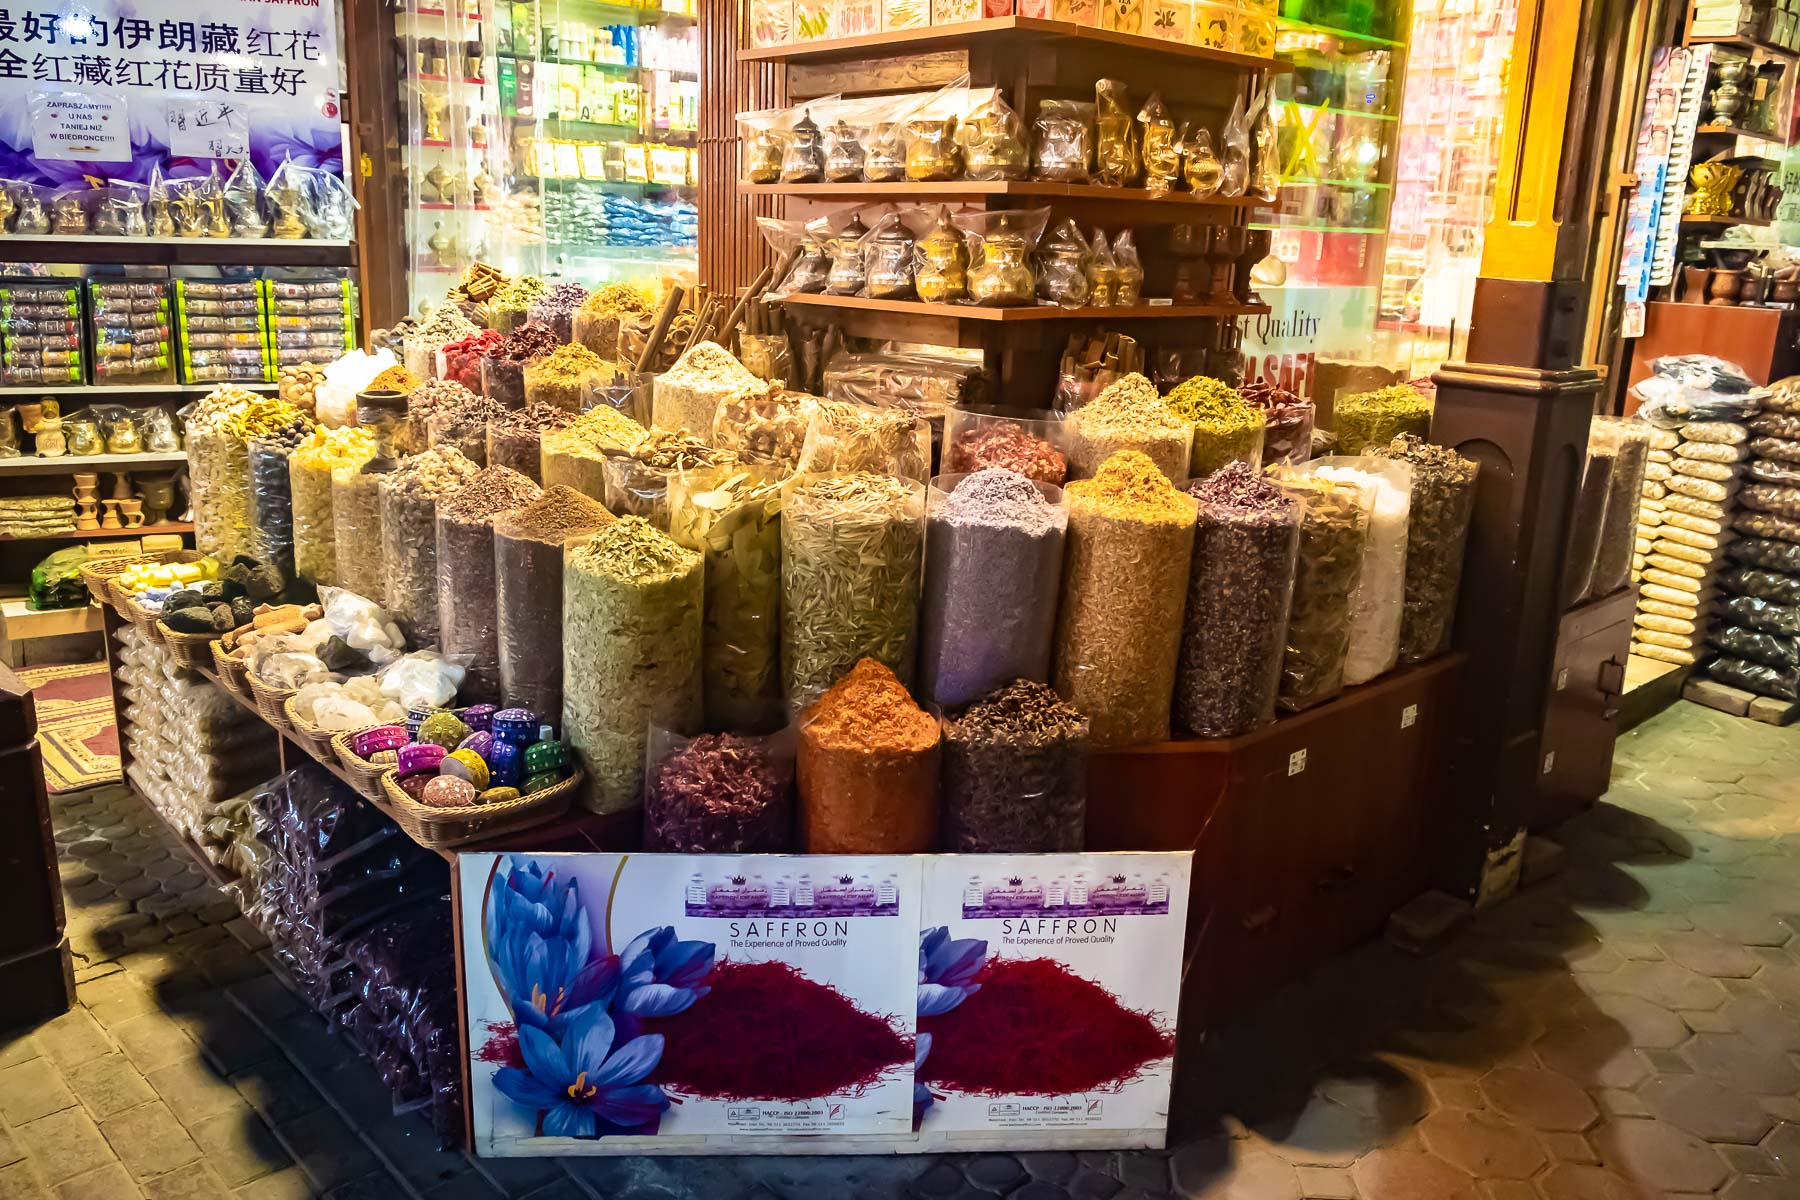 ricetta CONFETTURA di ALBICOCCHE e sciroppo d acero alle rose di Damasco senza zucchero raffinato refined sugar free APRICOT JAM with maple syrup and Damascena Rose #vegan Spice Souk Dubai